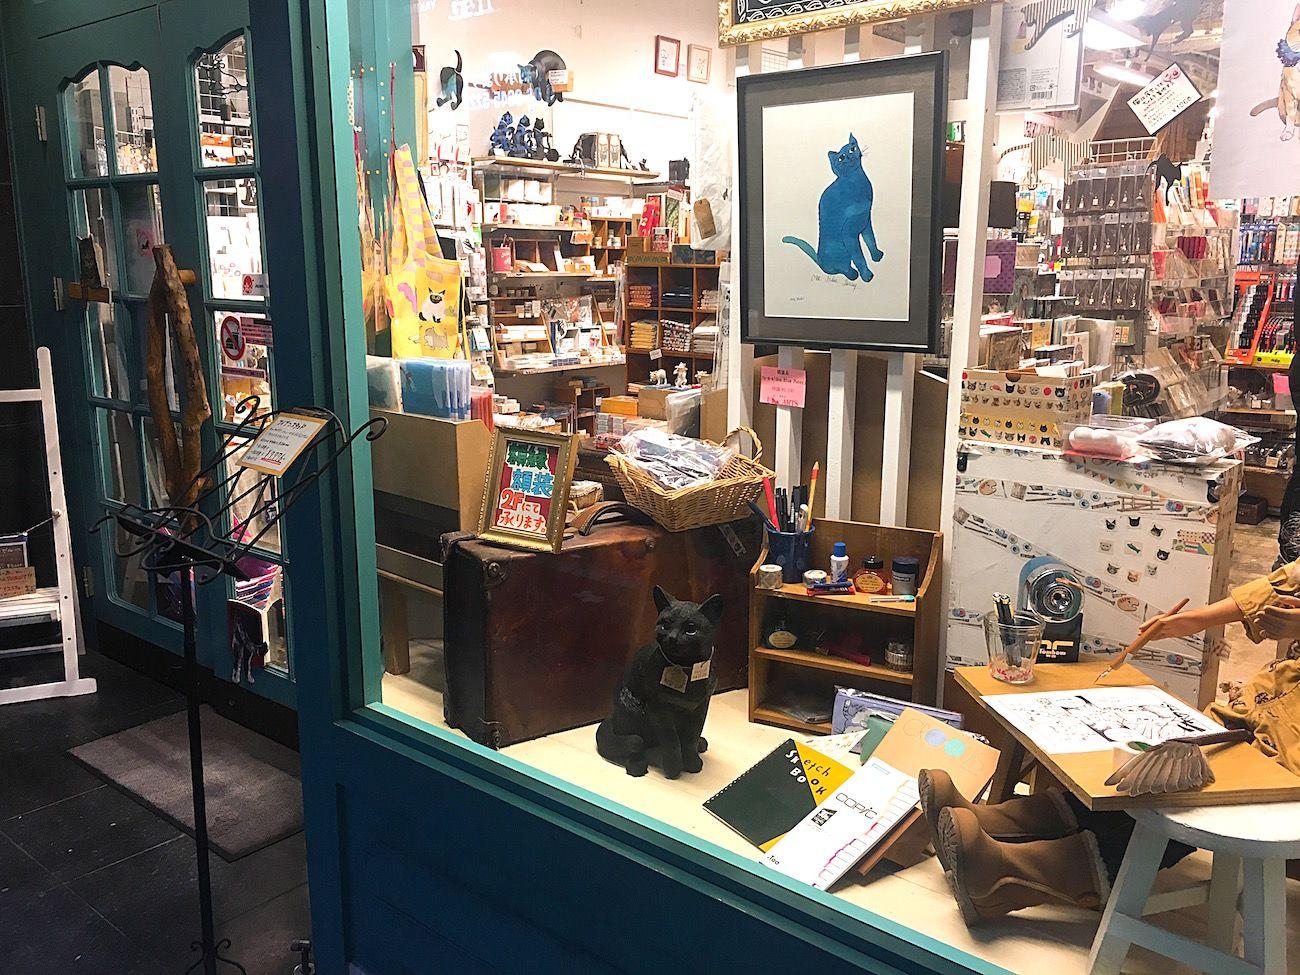 大阪 難波にすこしユニークな画材店があります U Arts ユーアーツ という名のお店で 文具や画材 紙 額縁などを扱う専門店なのですが お店のロゴや看板 ショーウィンドウにはいたるところに猫の姿が 実 画材 ショー ウィンドウ 文具